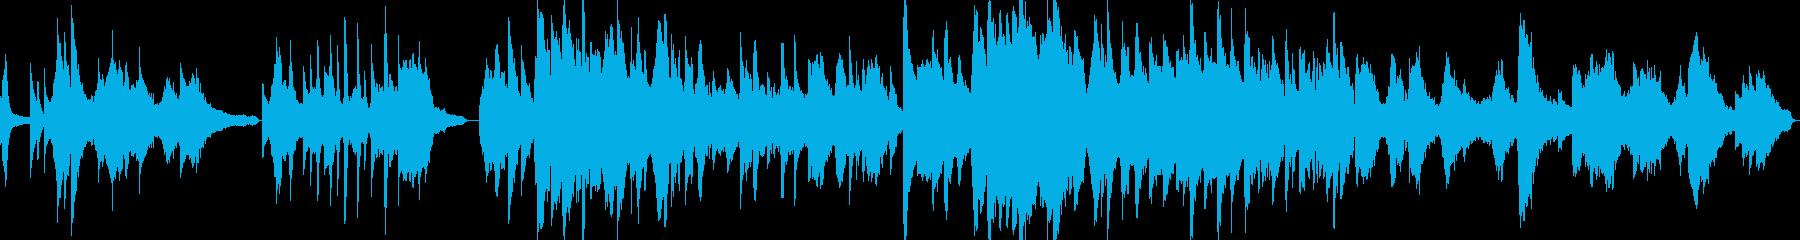 胡弓+ピアノの切なげな中華系の曲の再生済みの波形